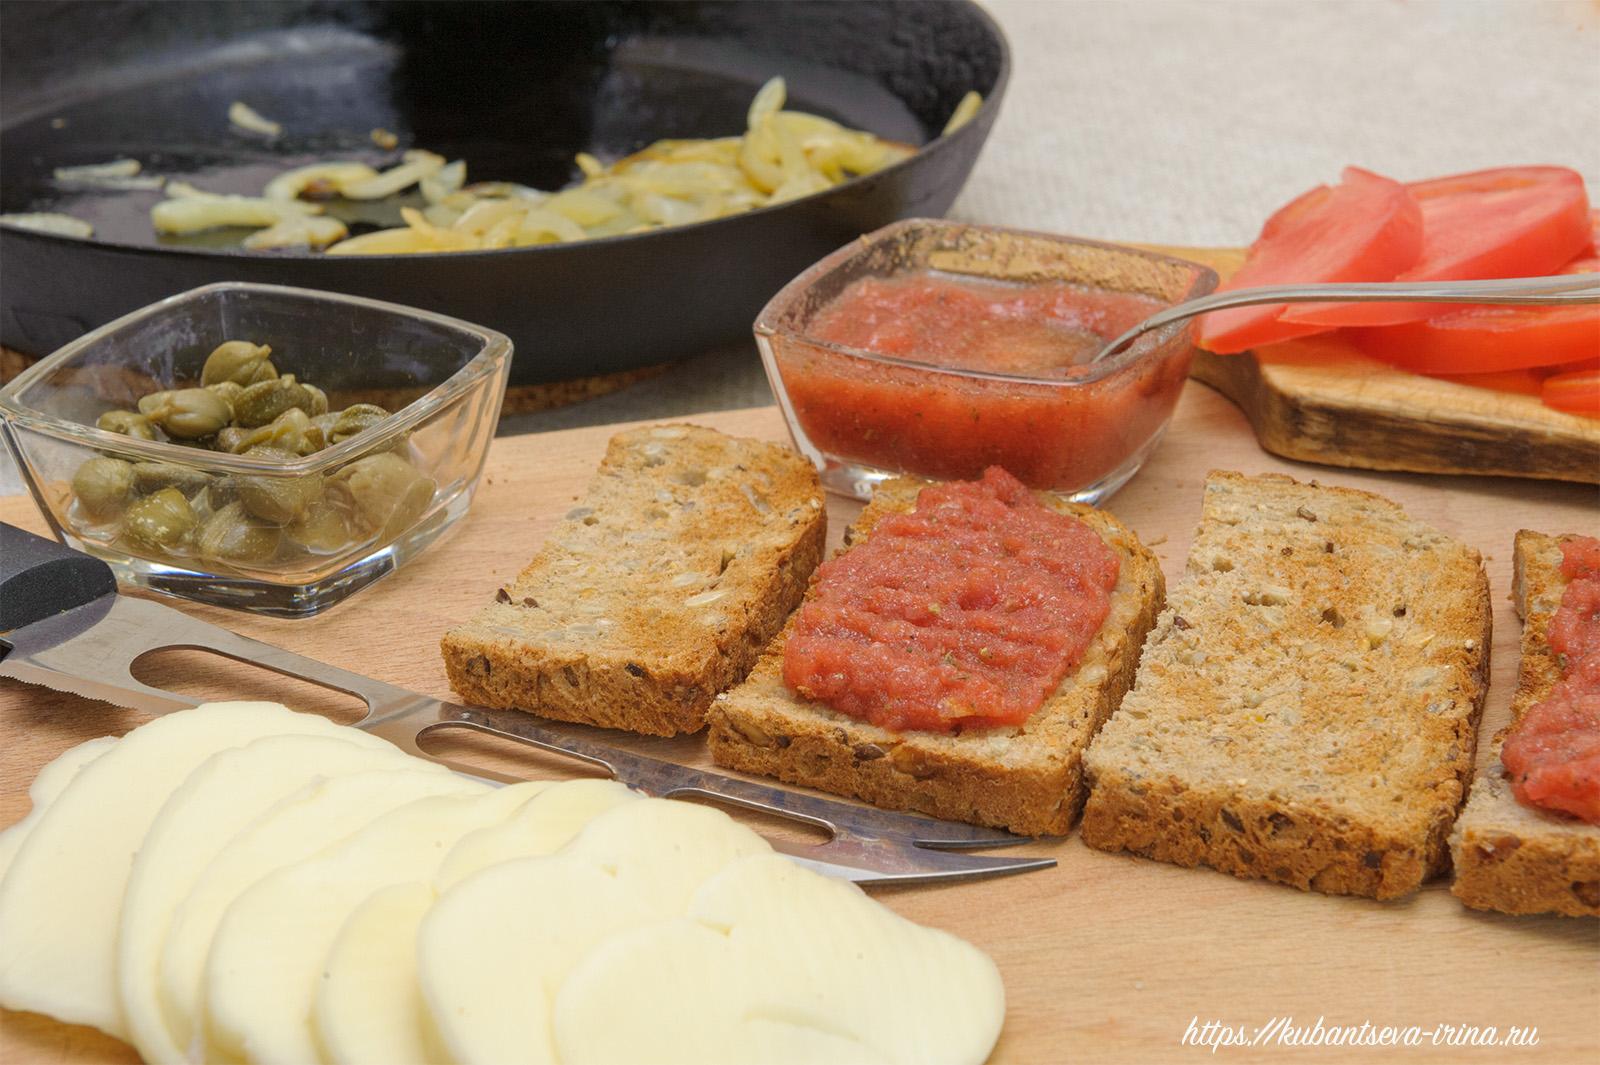 испанская закуска tapas